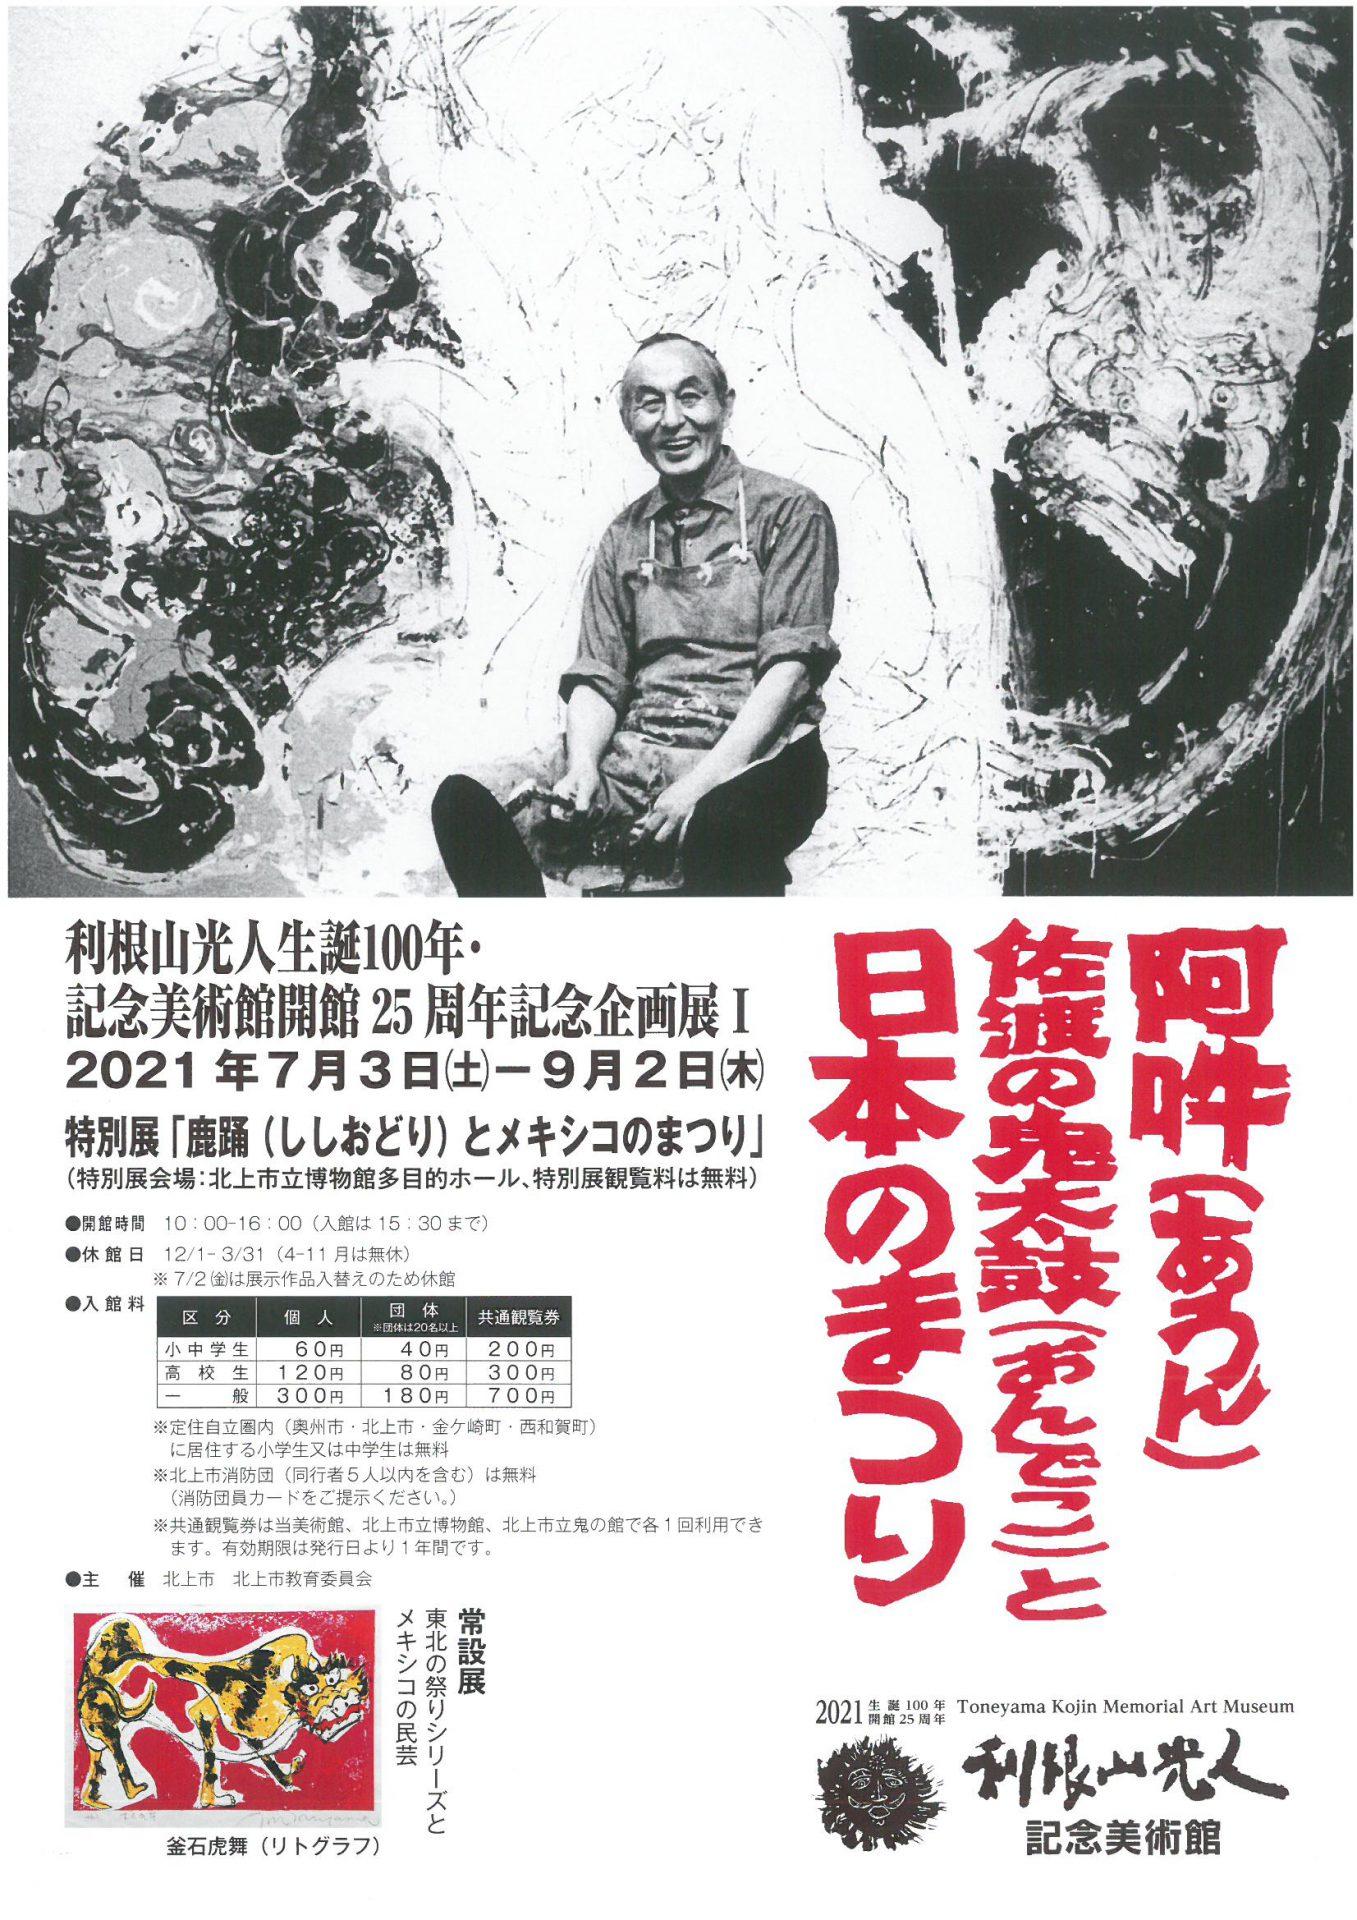 利根山光人生誕100周年・記念美術館開館25周年記念として、 企画展Ⅰ「阿吽(あうん)-佐渡の鬼太鼓(おんでこ)と日本のまつり」 特別展「鹿踊(ししおどり)とメキシコのまつり」 を開催いたします。 ...